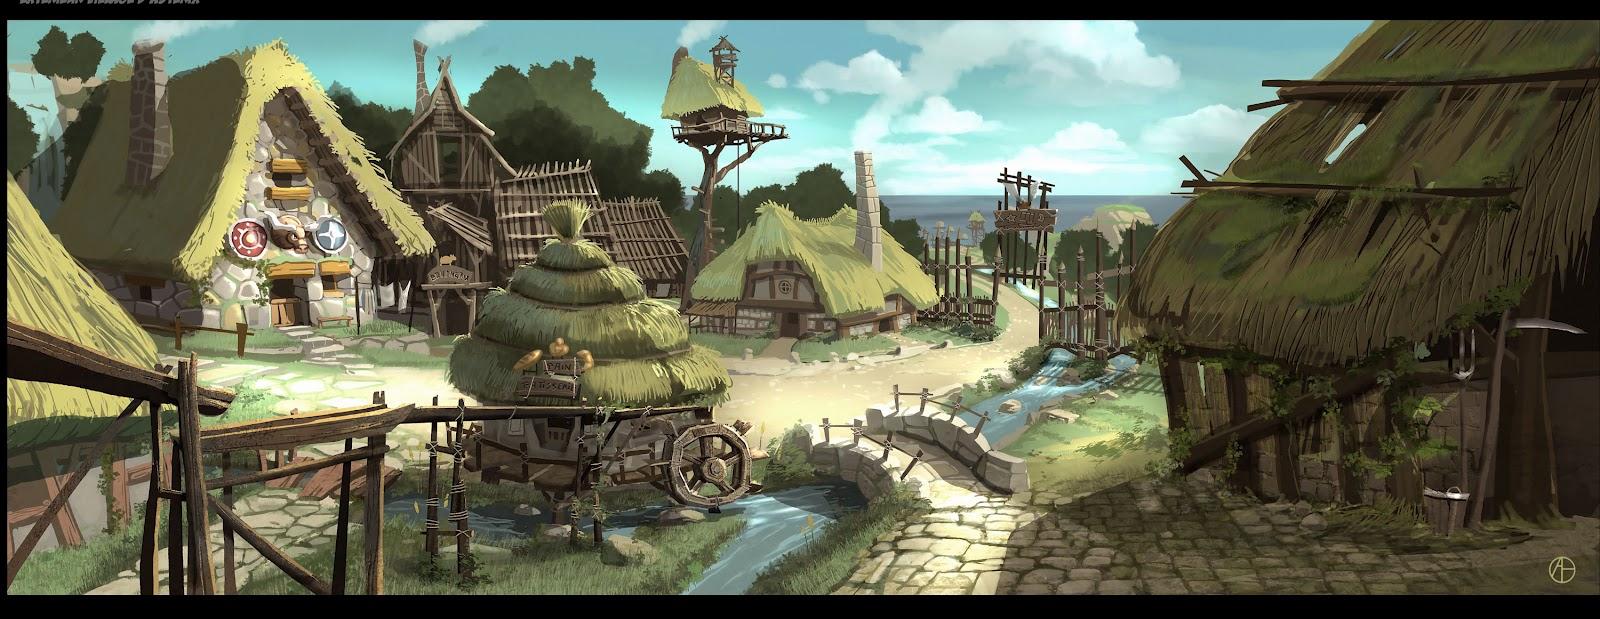 003_village.jpg